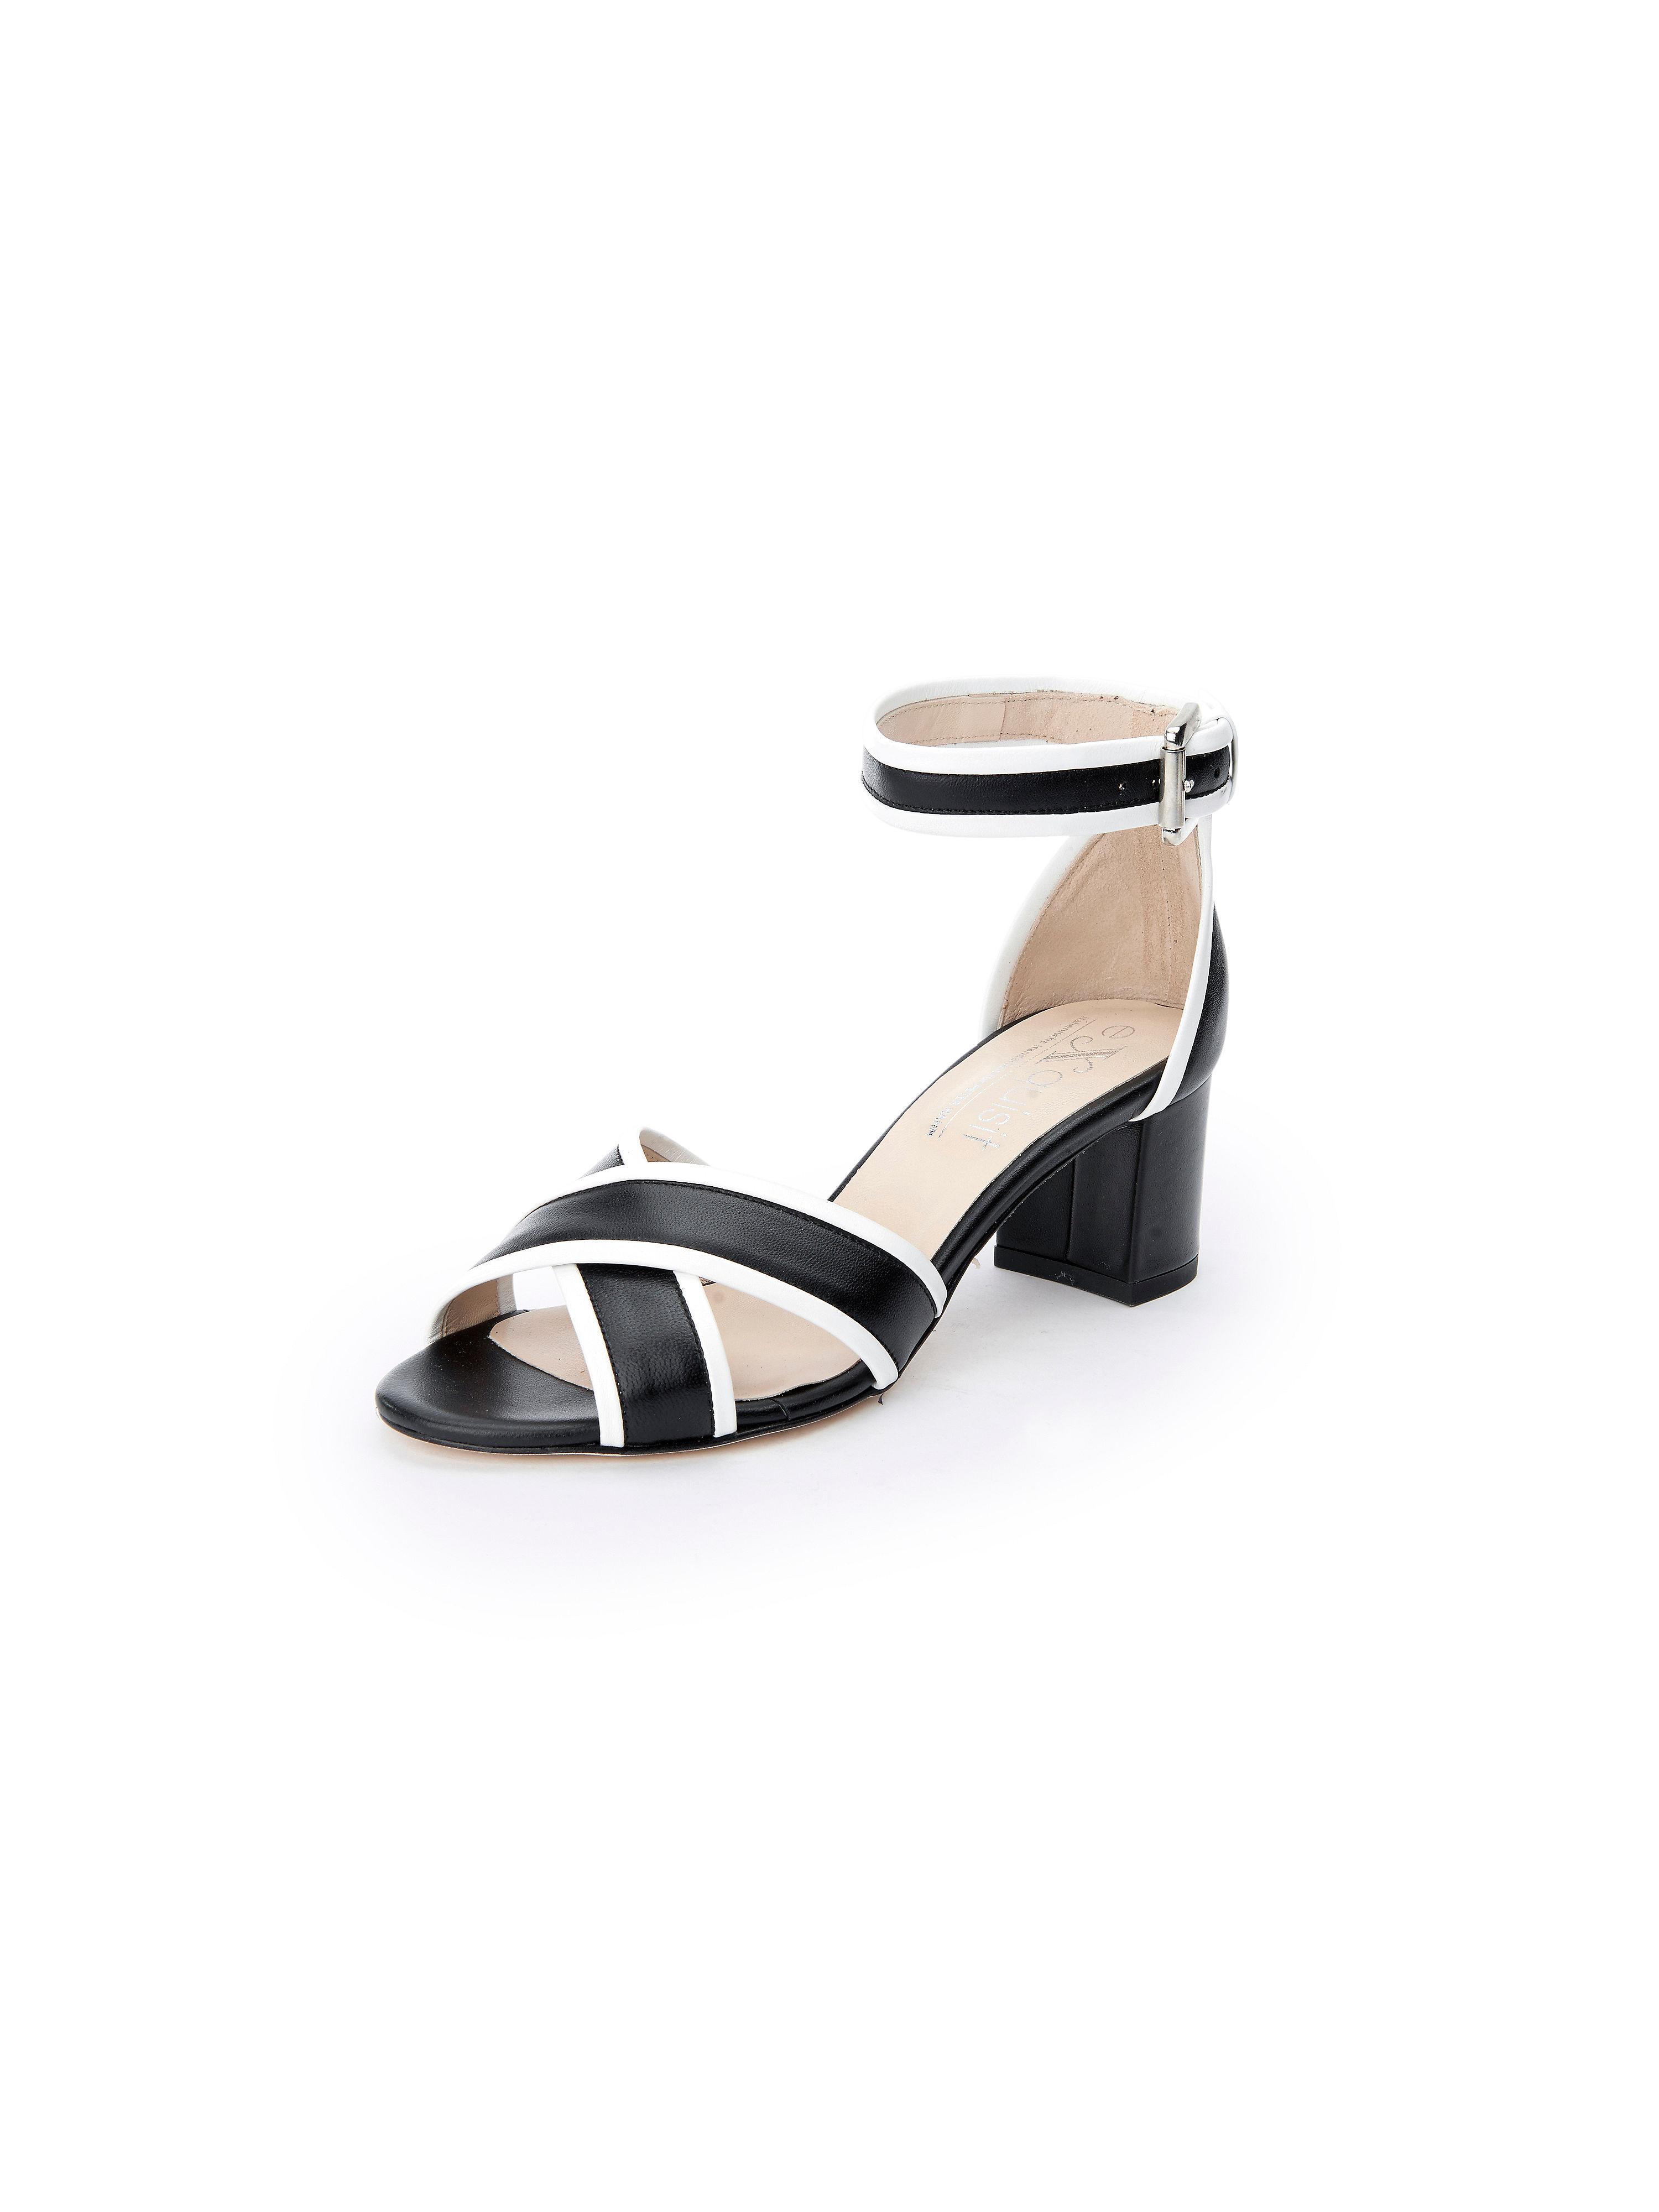 Les sandales cuir nappa, bride cheville Peter Hahn exquisit noir taille 42